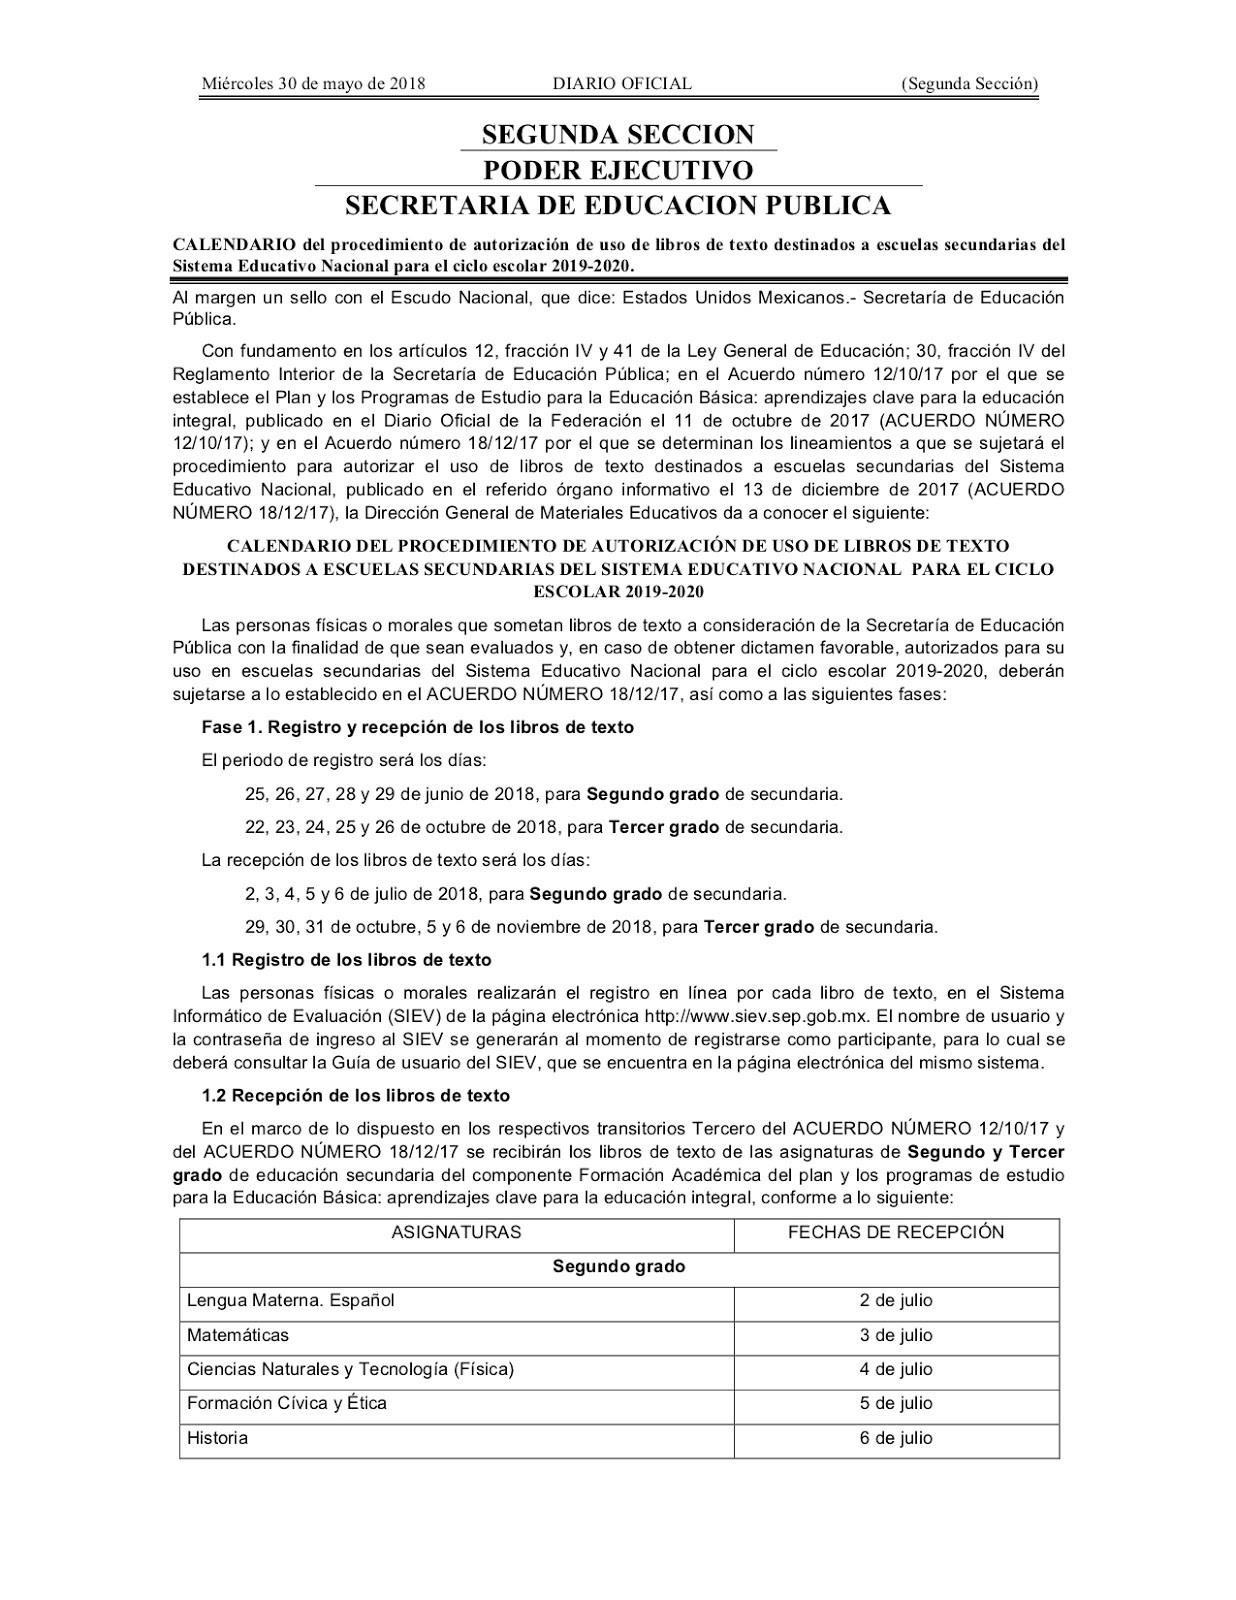 Calendario Escolar 2019 Sedf Más Reciente Jefe De Ense±anza Zona 09 Secundarias Técnicas Junio 2018